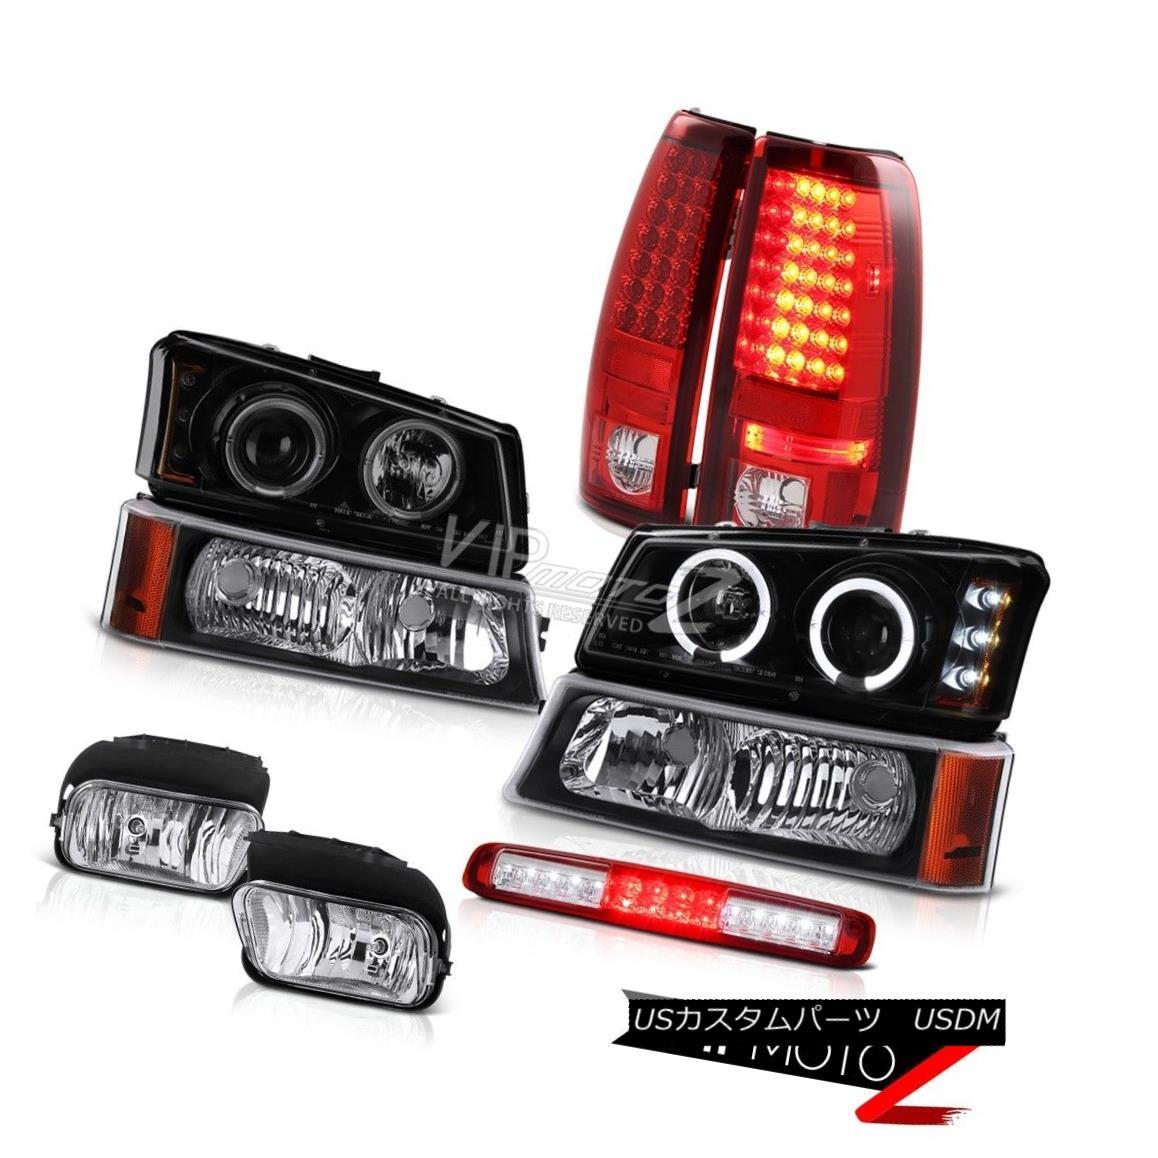 ヘッドライト 03-06 Silverado 1500 Chrome Fog Lamps Signal Lamp Roof Cab Headlamps Tail Lamps 03-06 Silverado 1500クロームフォグランプシグナルランプルーフキャブヘッドランプテールランプ